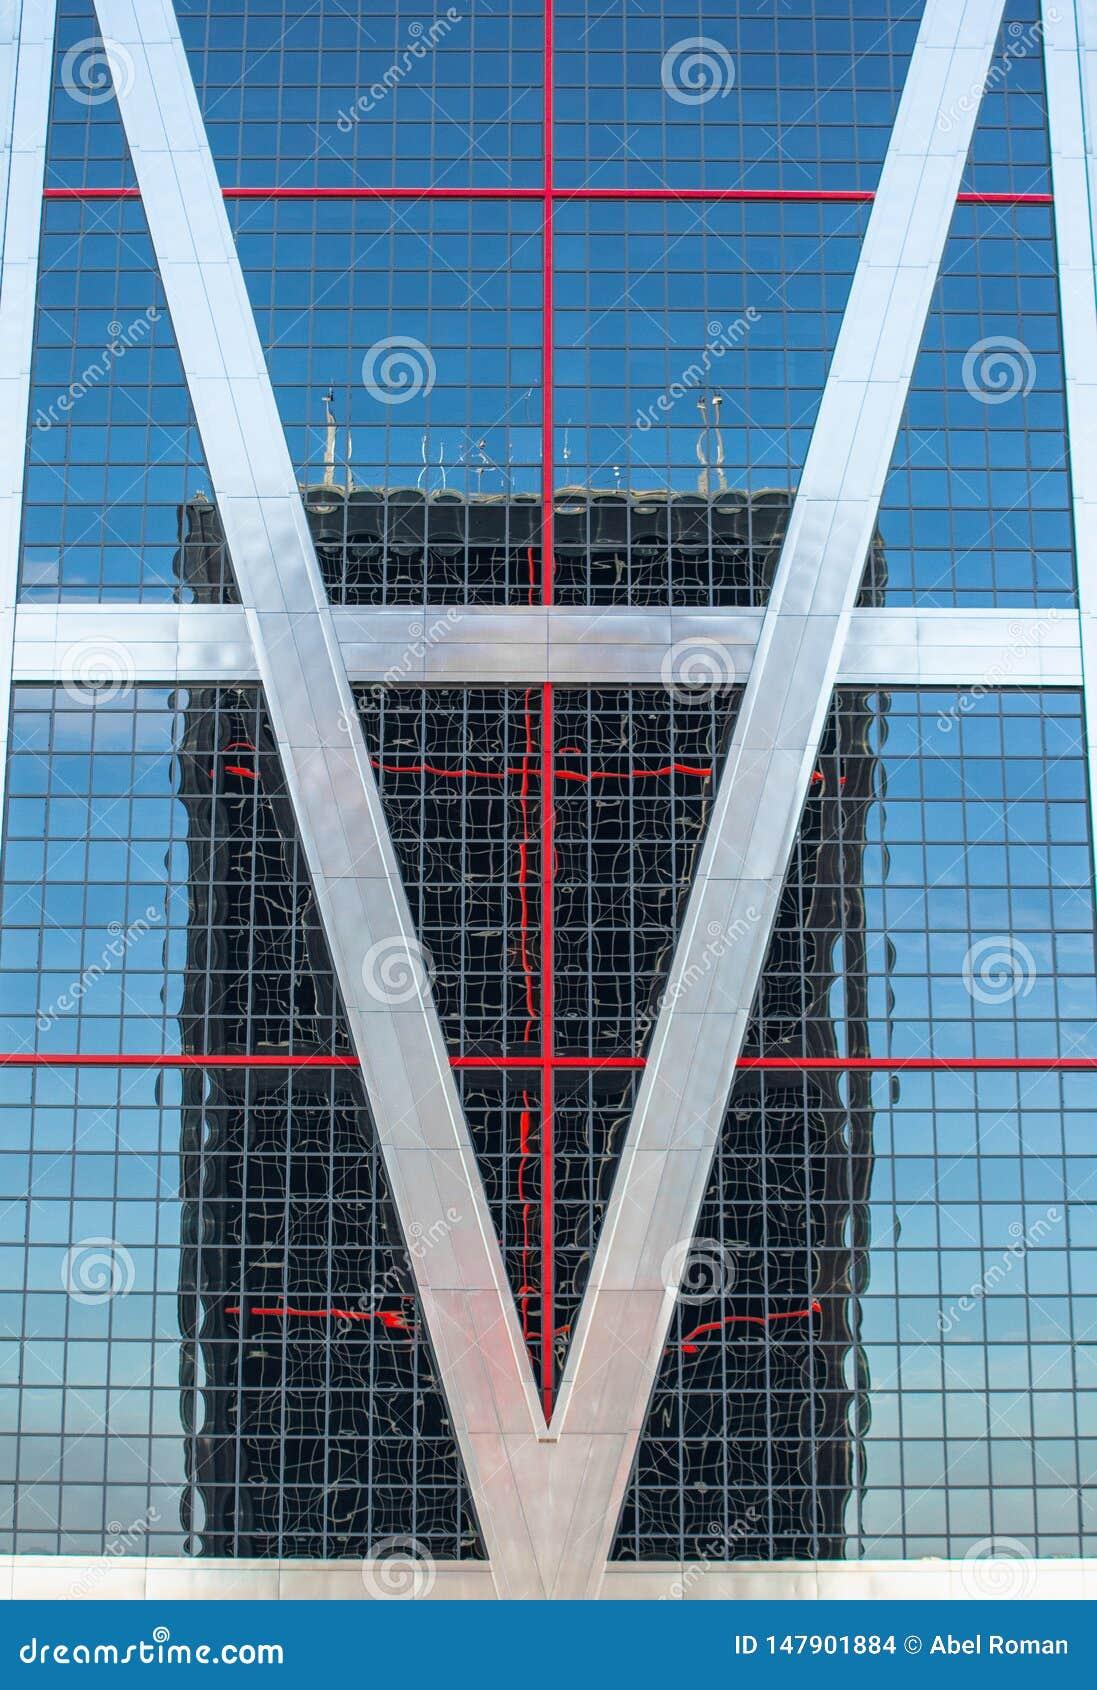 Reflexiones urbanas en edificios Im?genes abstractas deformando mirrorsabstra